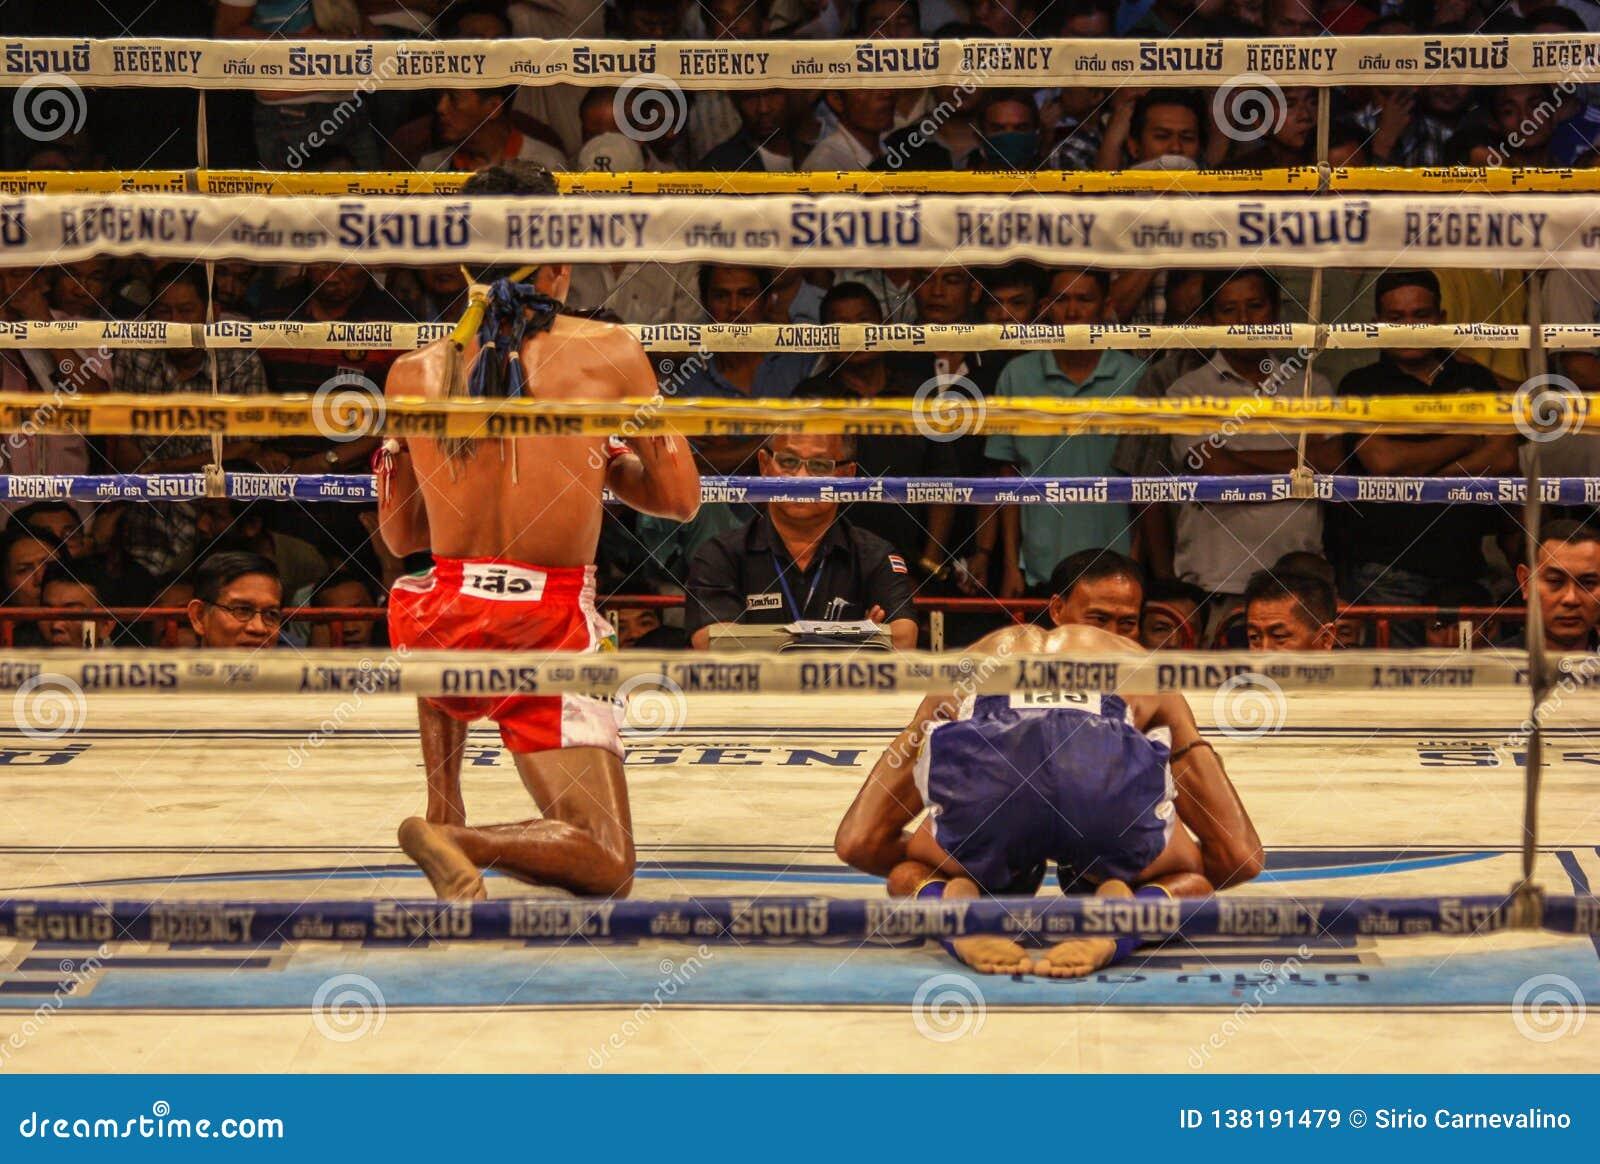 Den över hela världen berömda muay thai stridigheten, Thailand